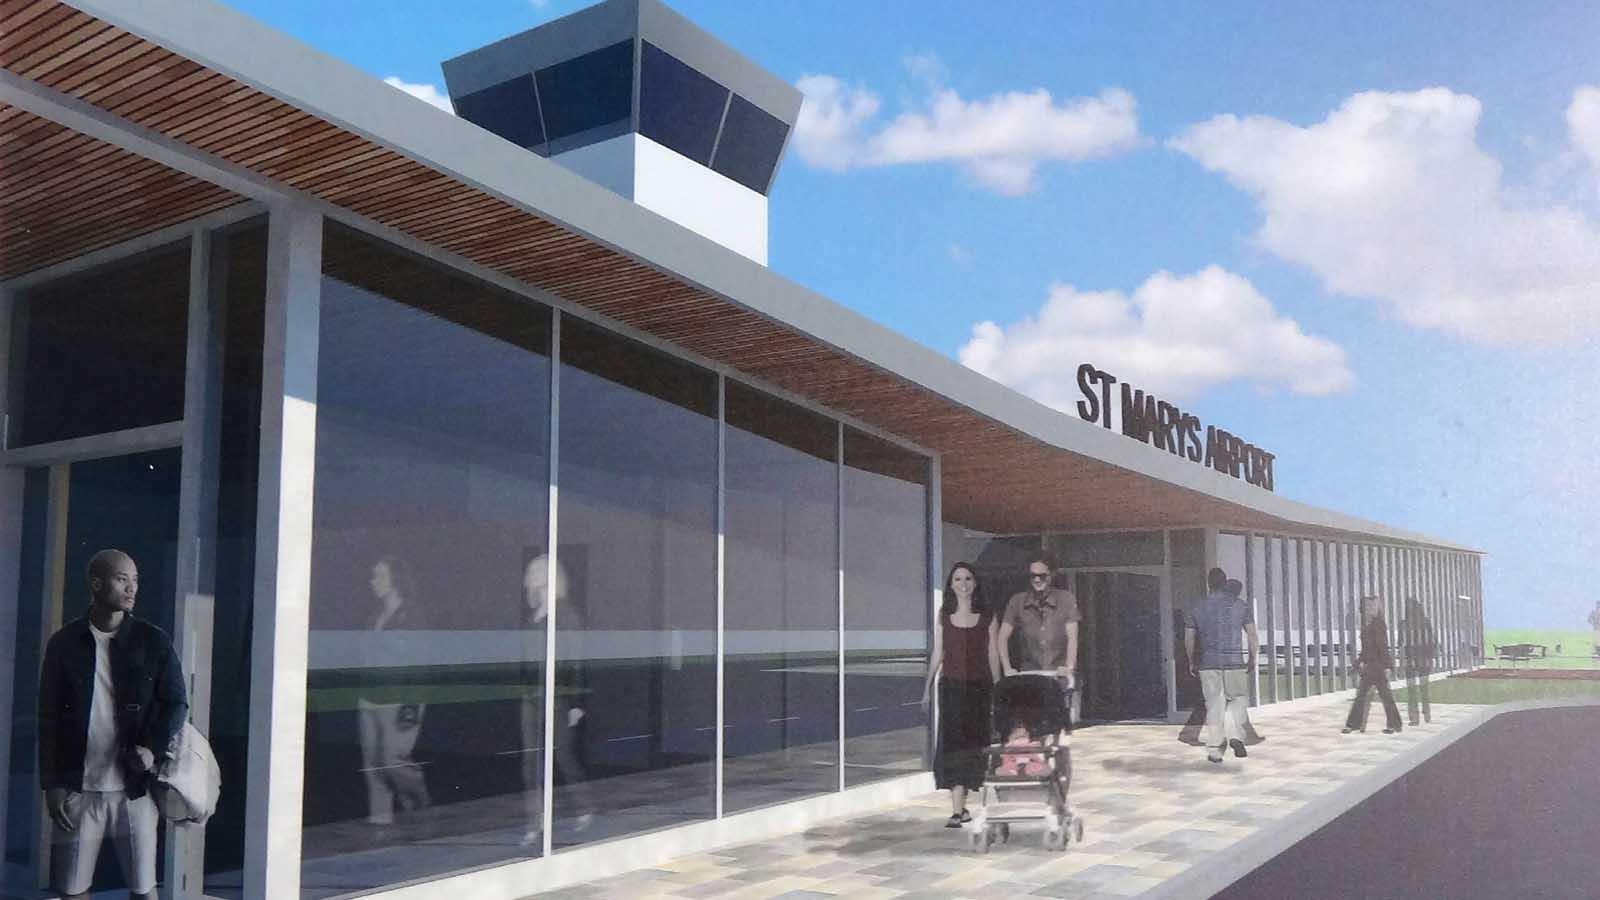 Аэропорт Мары (Mary Airport).1